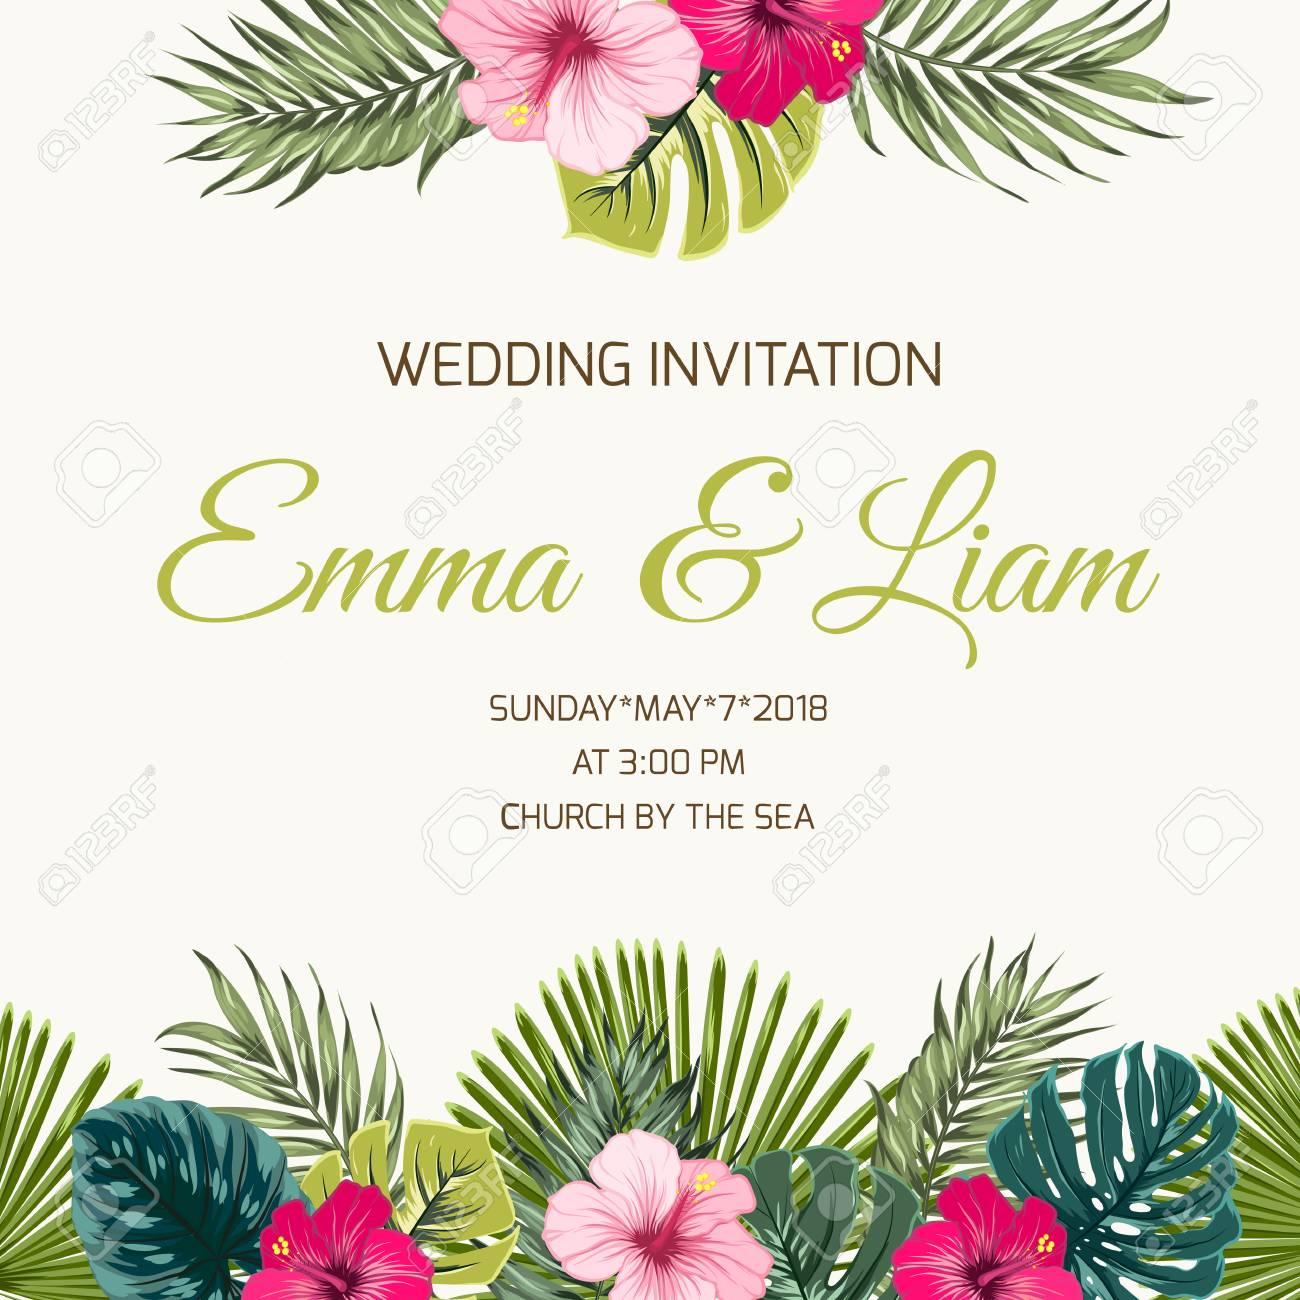 Plantilla De Diseño De Tarjeta De Invitación De Boda Hojas Verdes Exóticas Del Verdor Y Flores De Hibisco Púrpuras Rojas Rosadas Brillantes